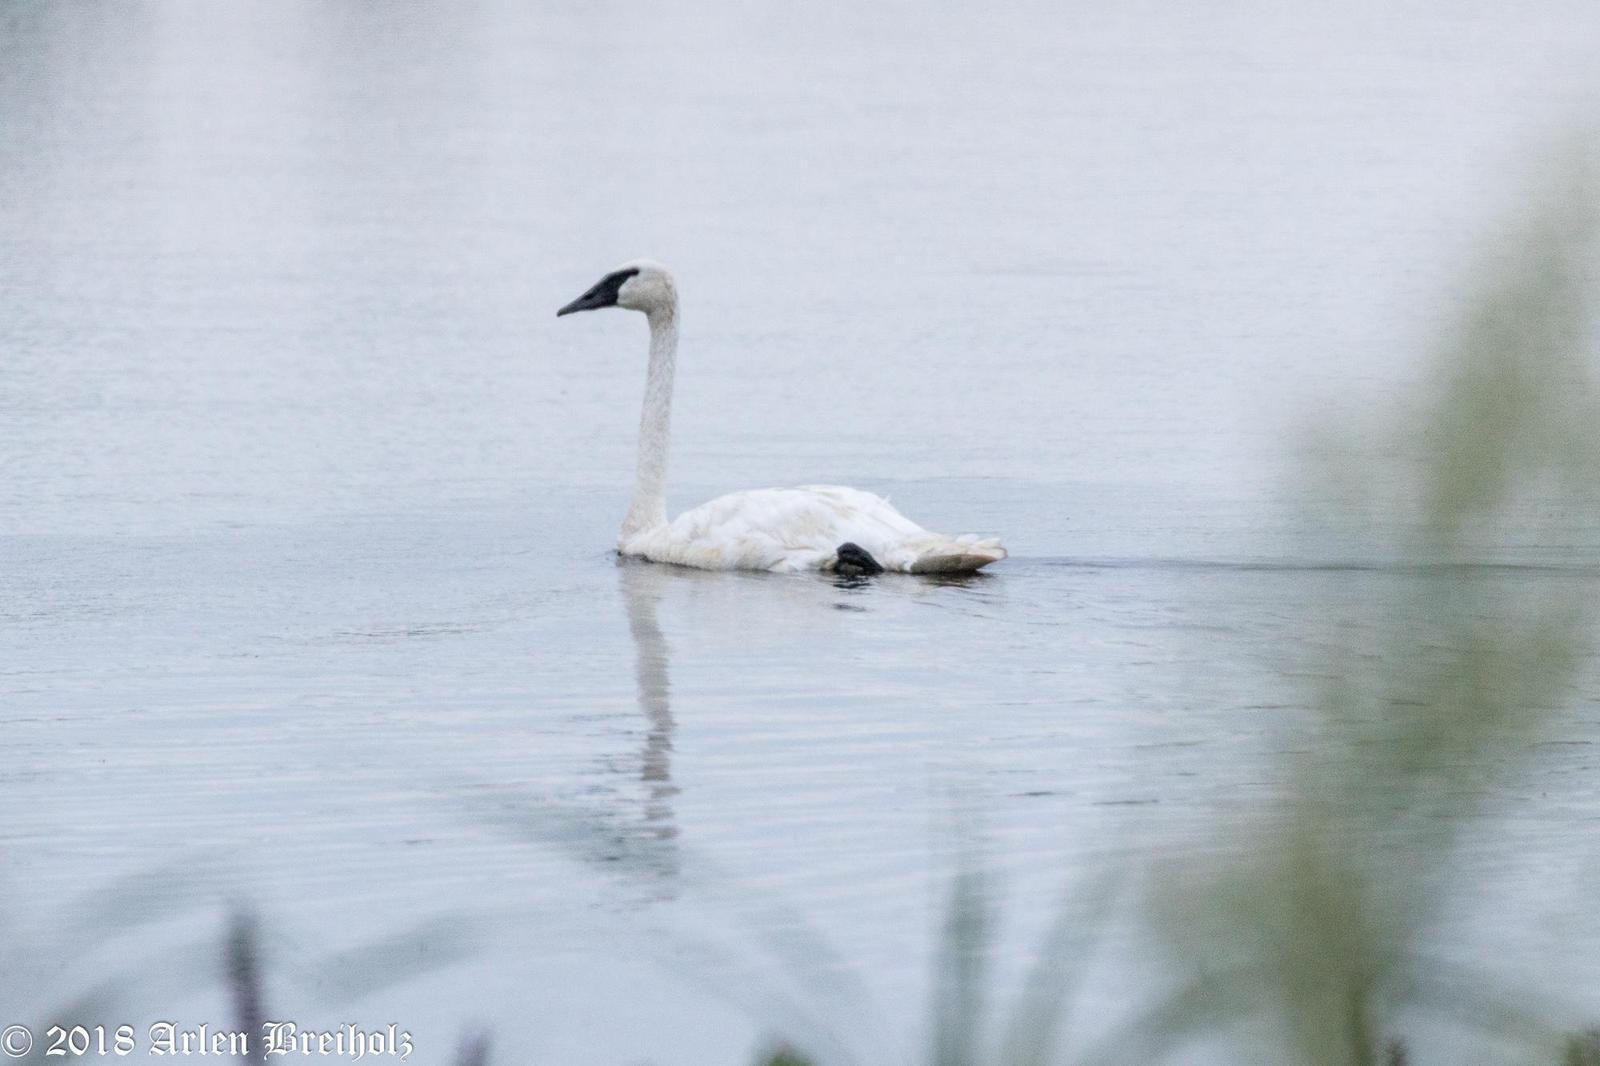 Trumpeter Swan Photo by Arlen Breiholz